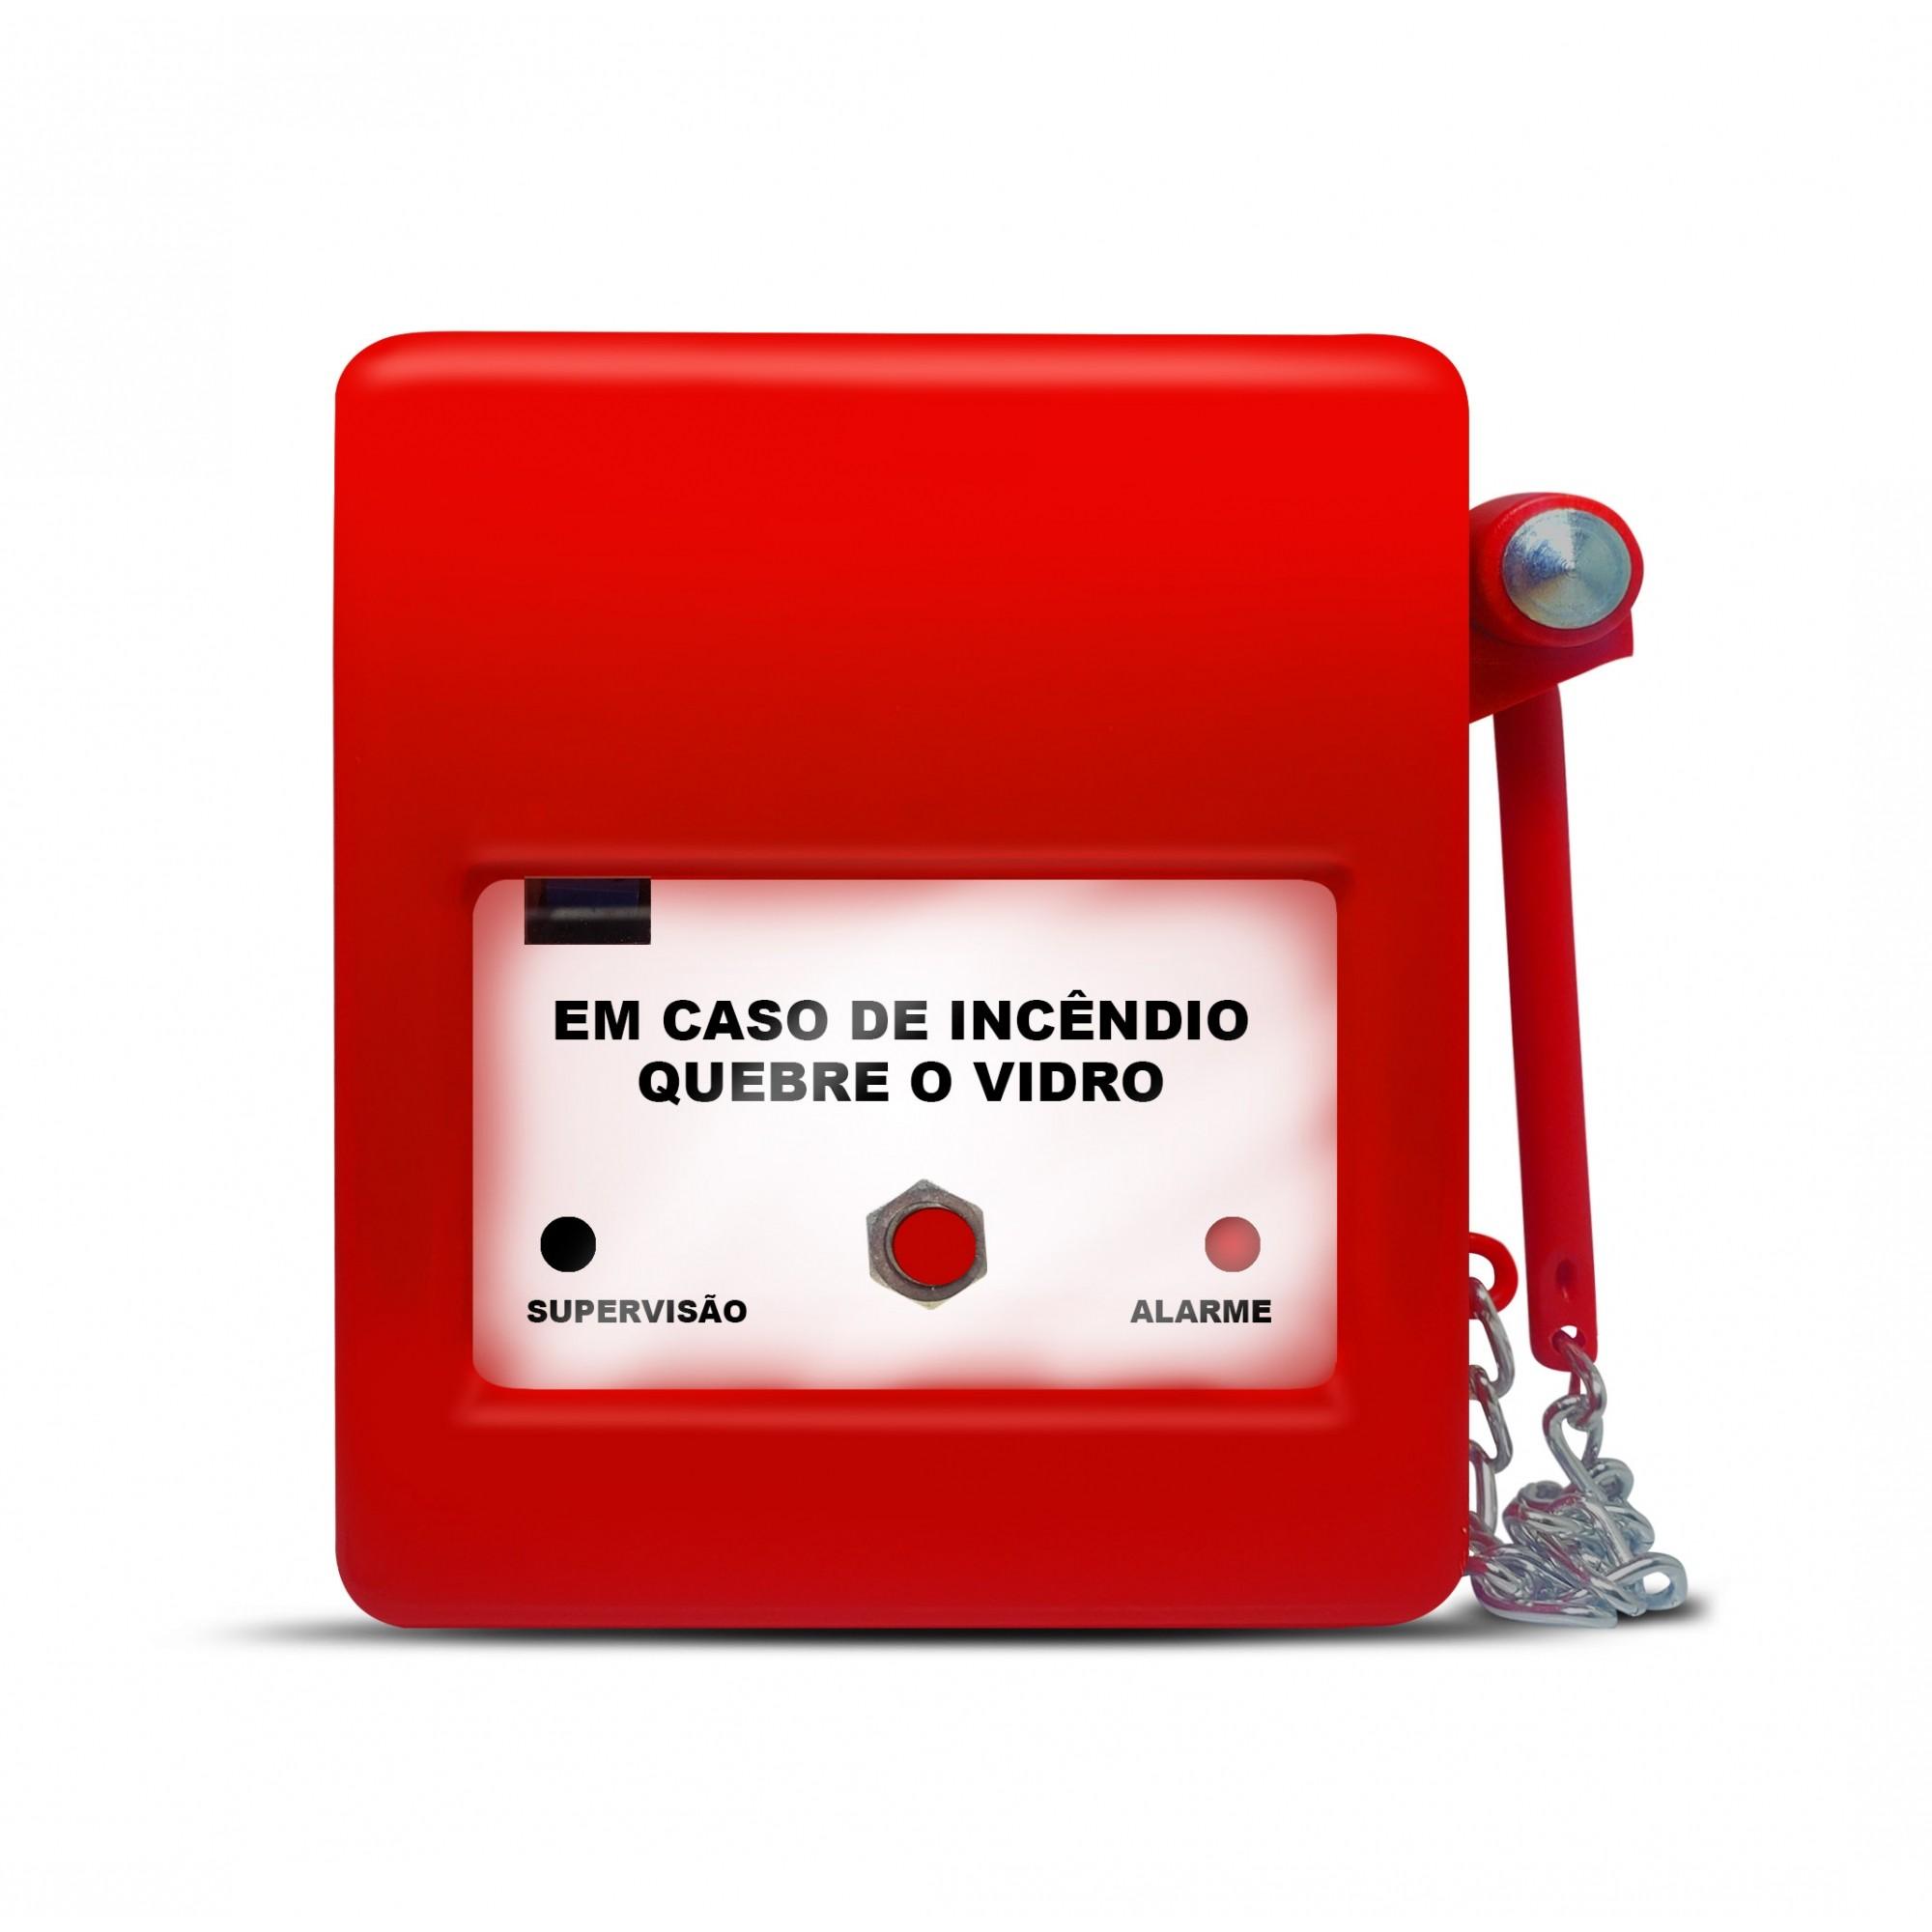 Acionador Alarme De Incêndio c/Martelo  quebra vidro HDX